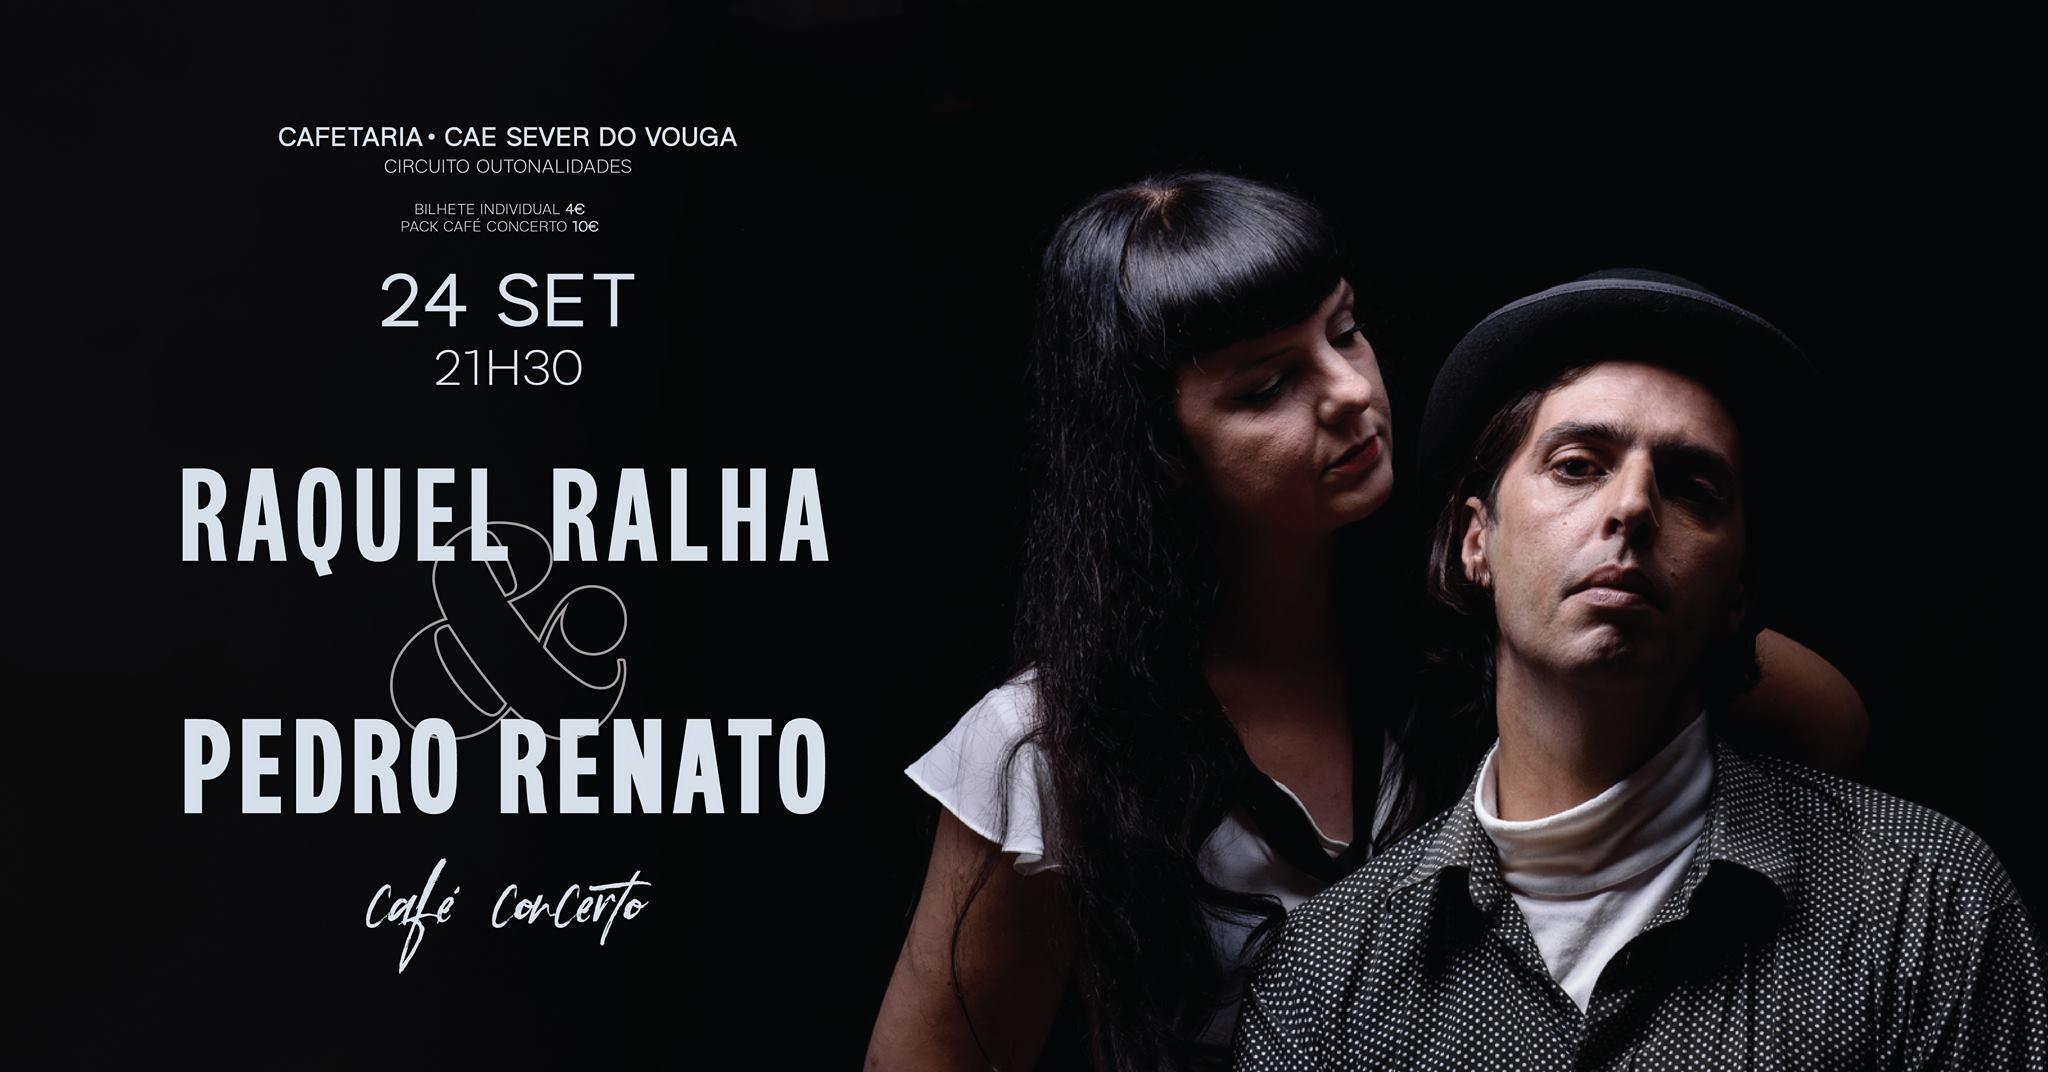 RAQUEL RALHA & PEDRO RENATO - CAFÉ CONCERTO